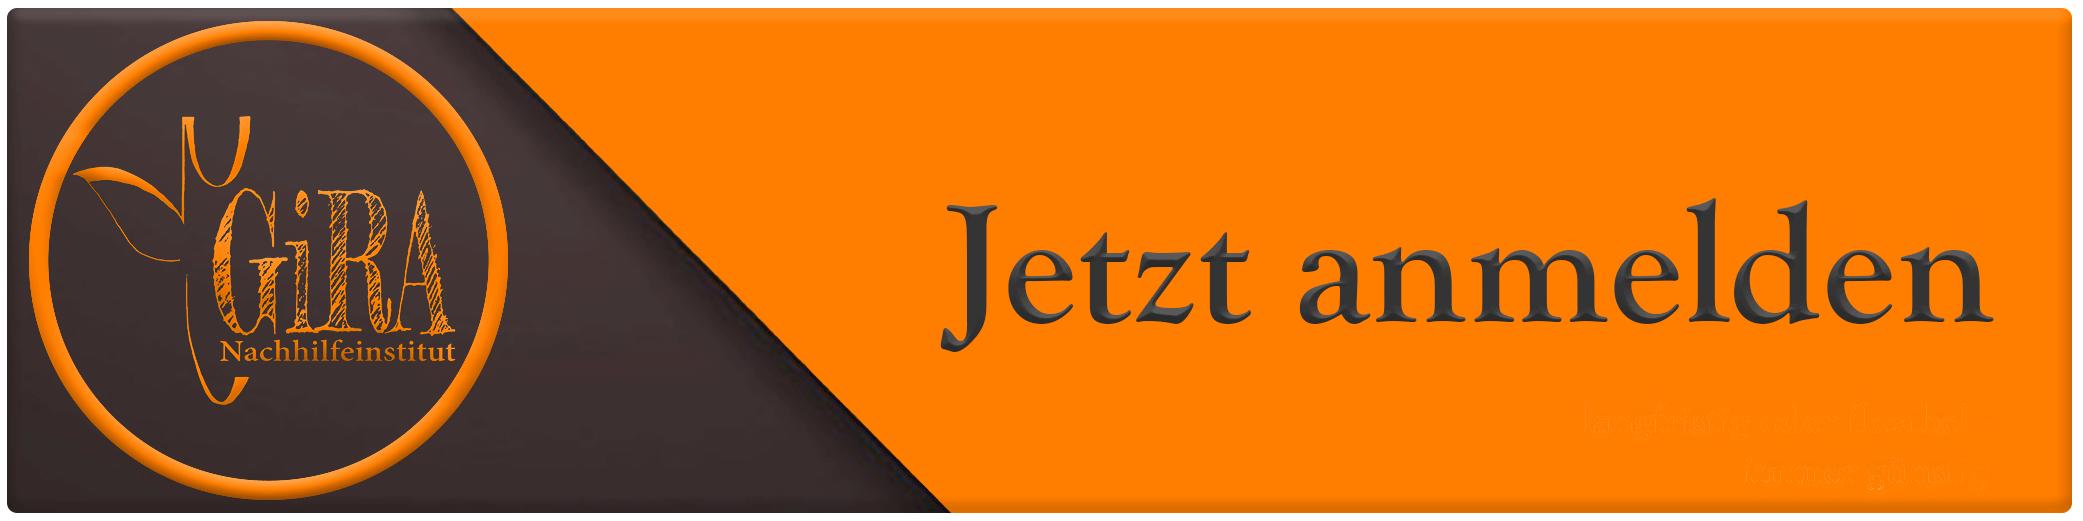 submit nachhilfe gira Nachhilfe in Brandenburg & Nachhilfe in Potsdam – GiRA – Gemeinsam in Richtung Abschluss Anmelden 1